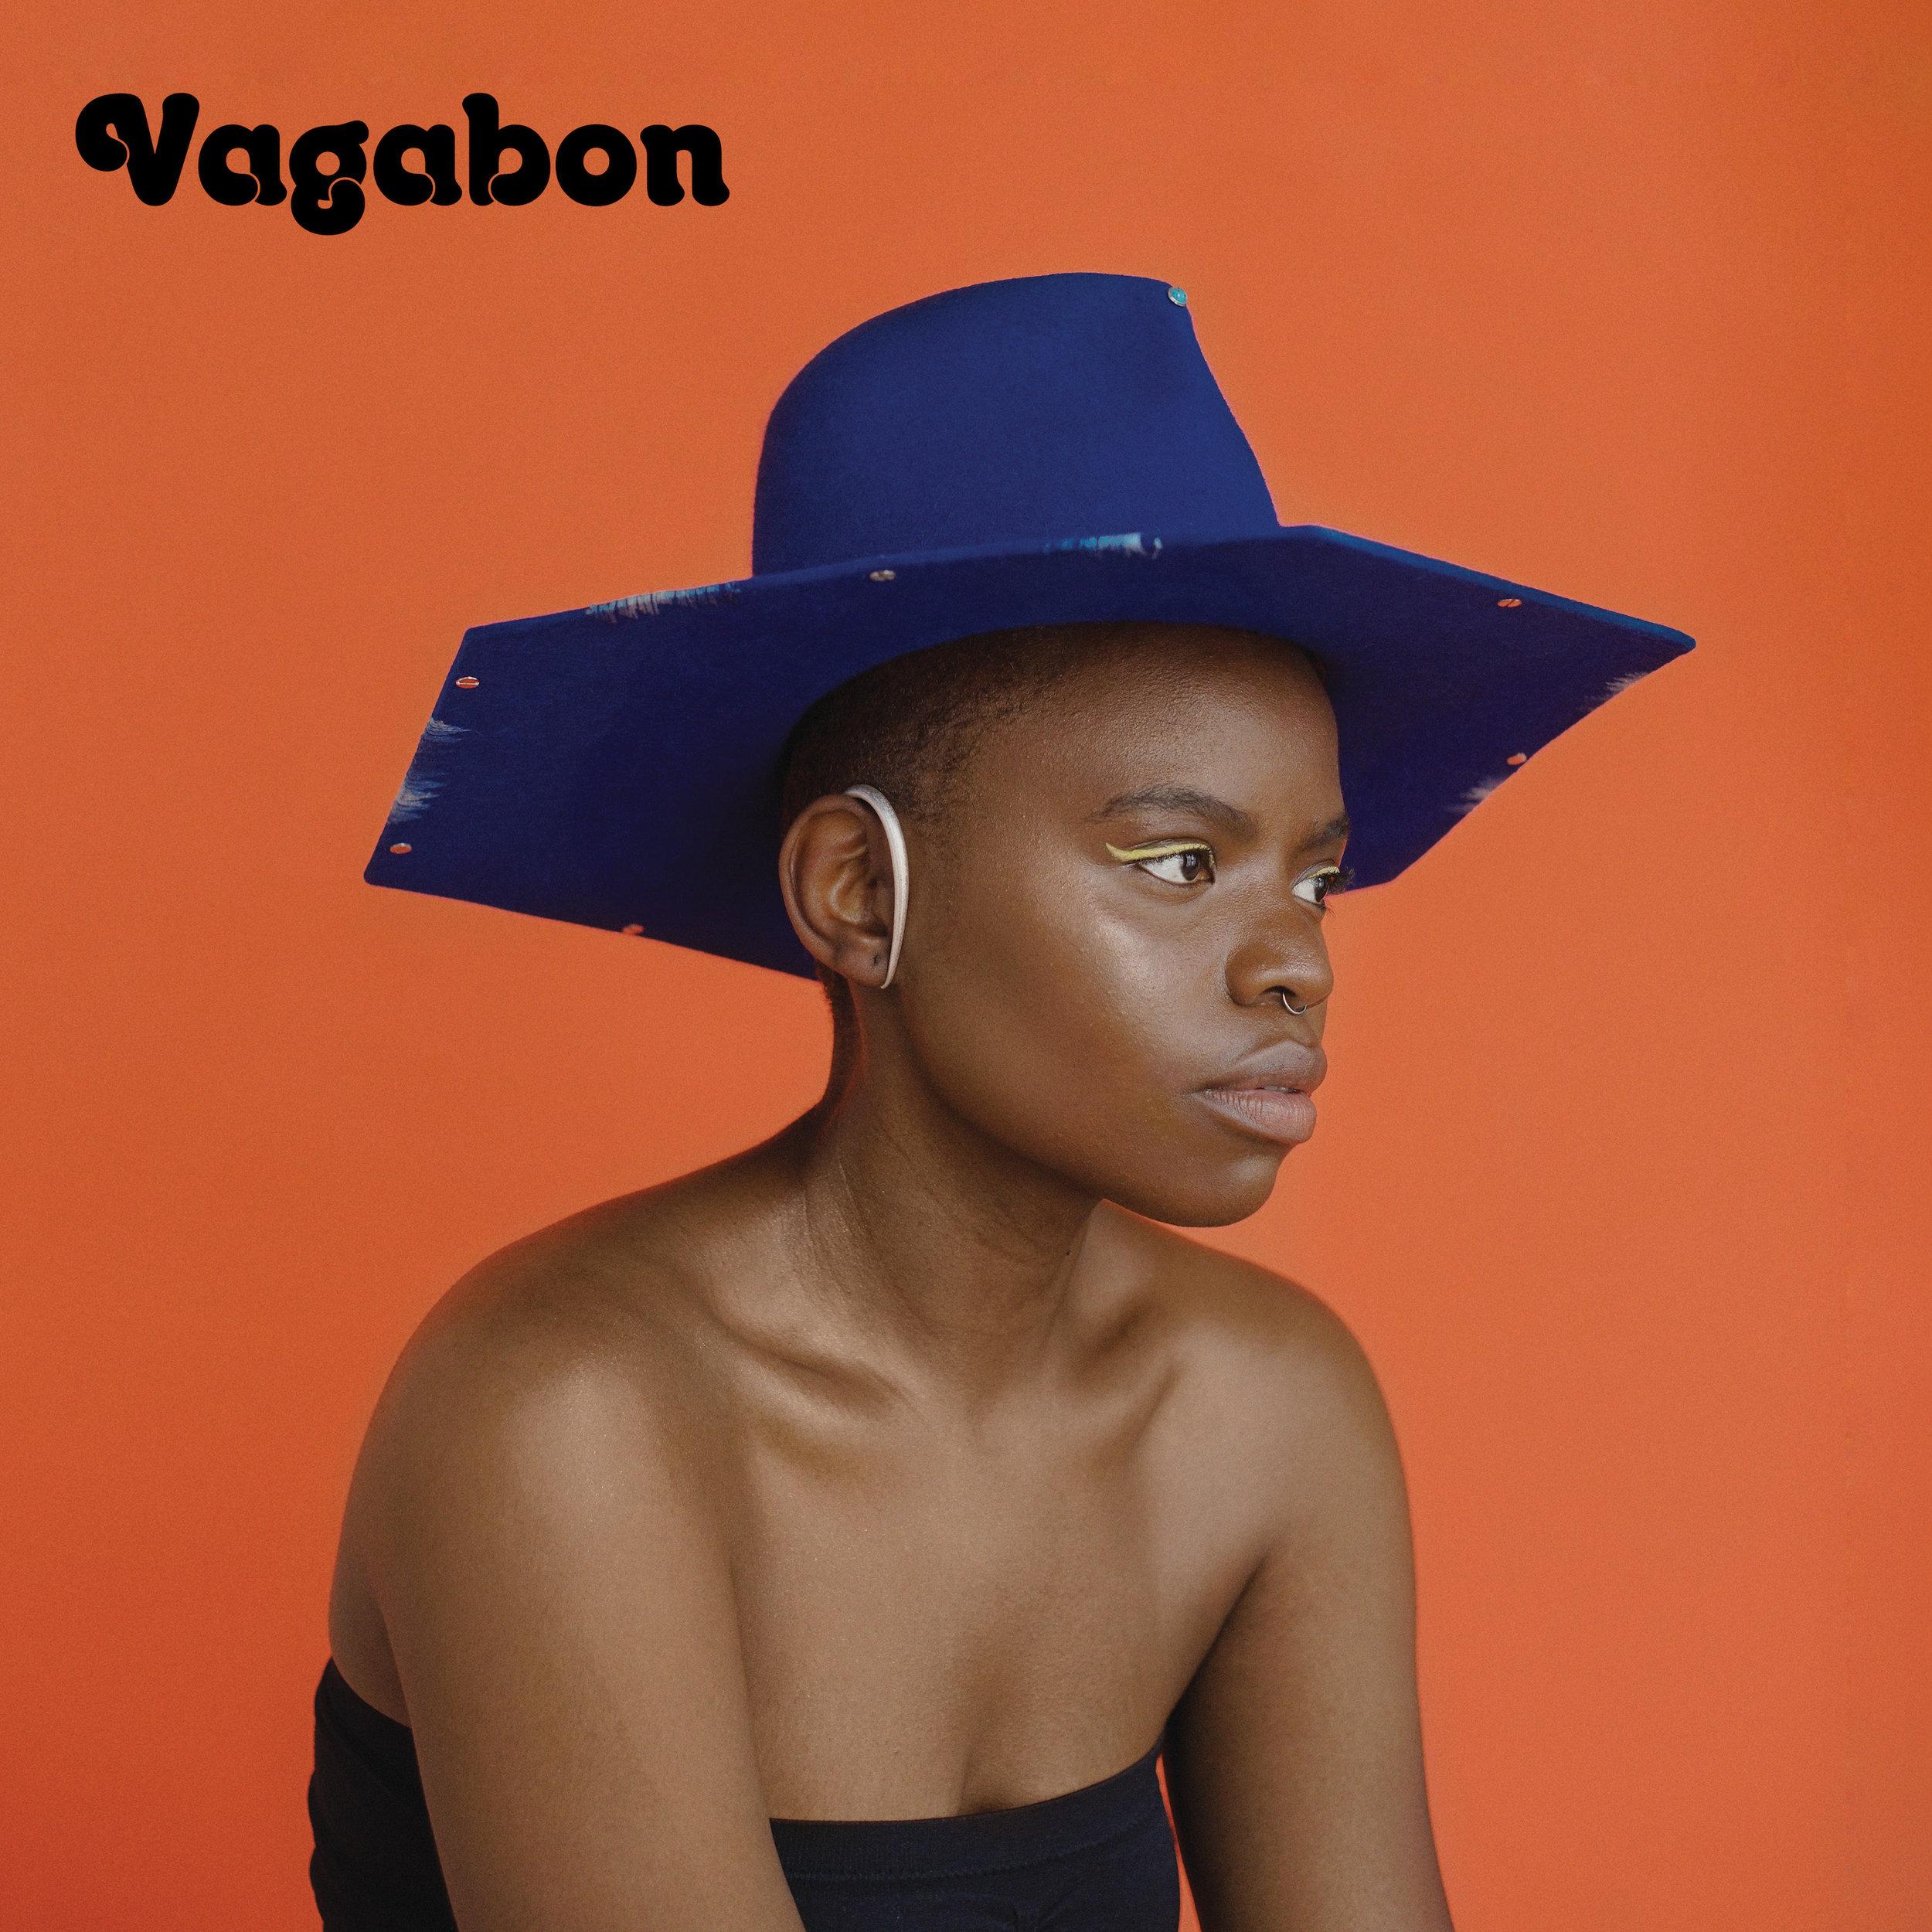 VAGABON Vagabon.jpg